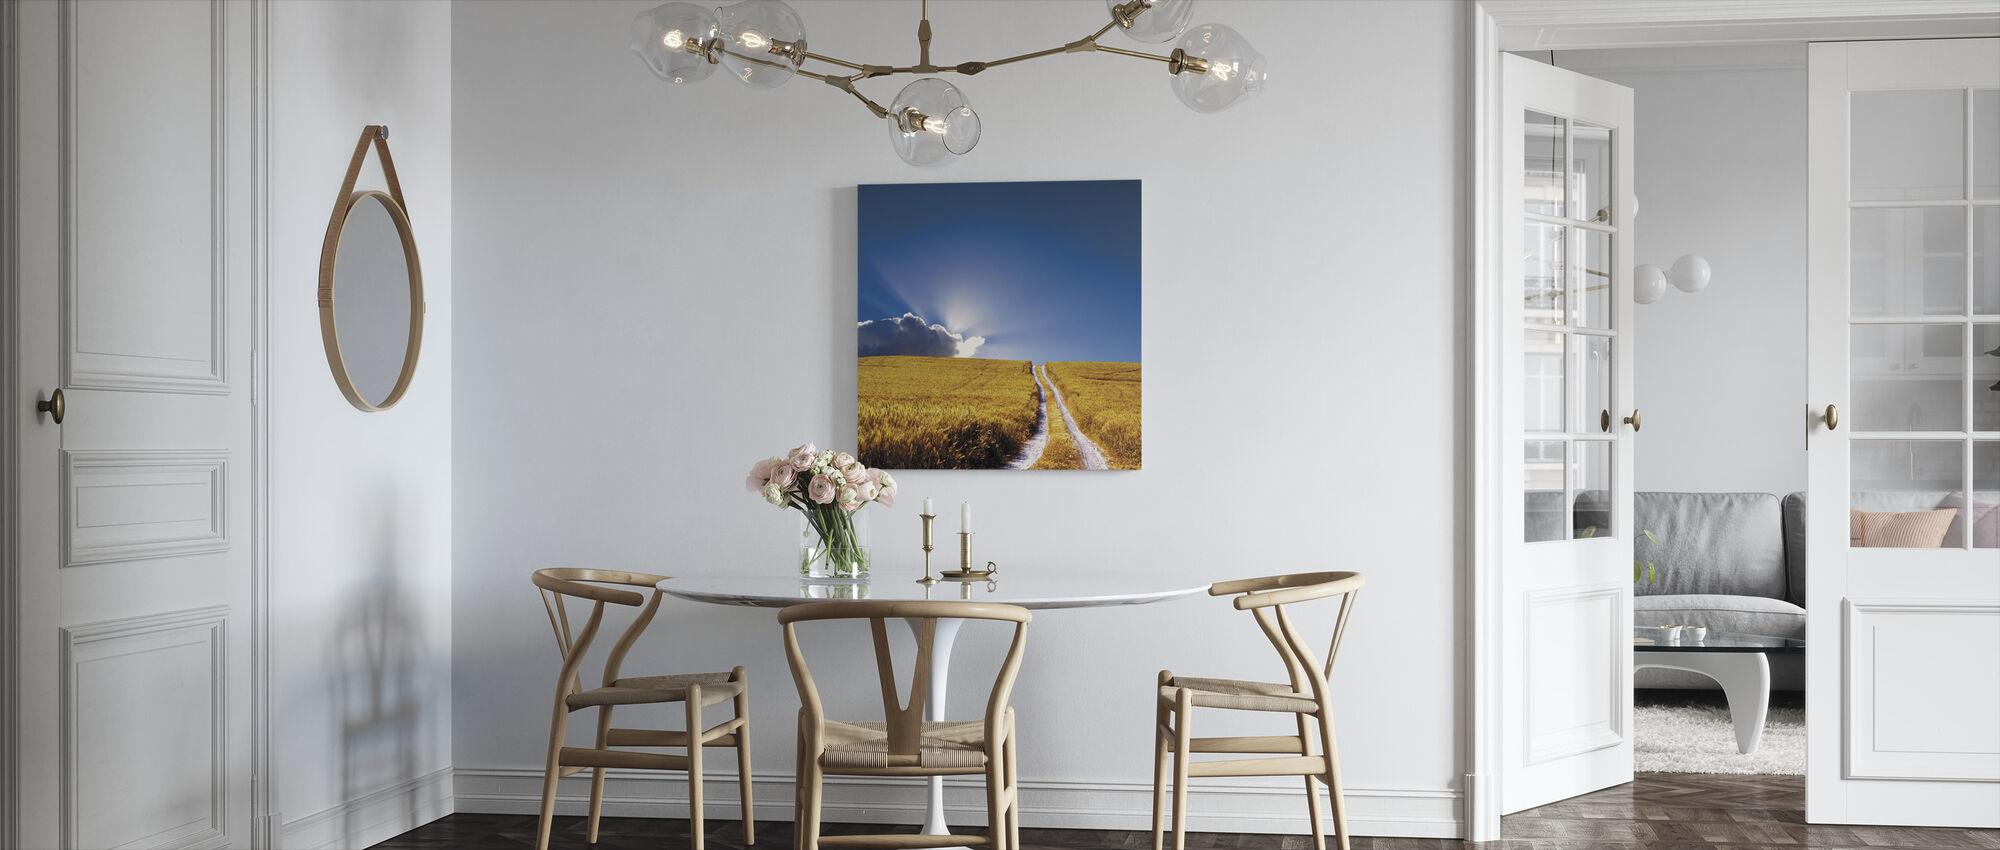 Landscape View - Canvas print - Kitchen